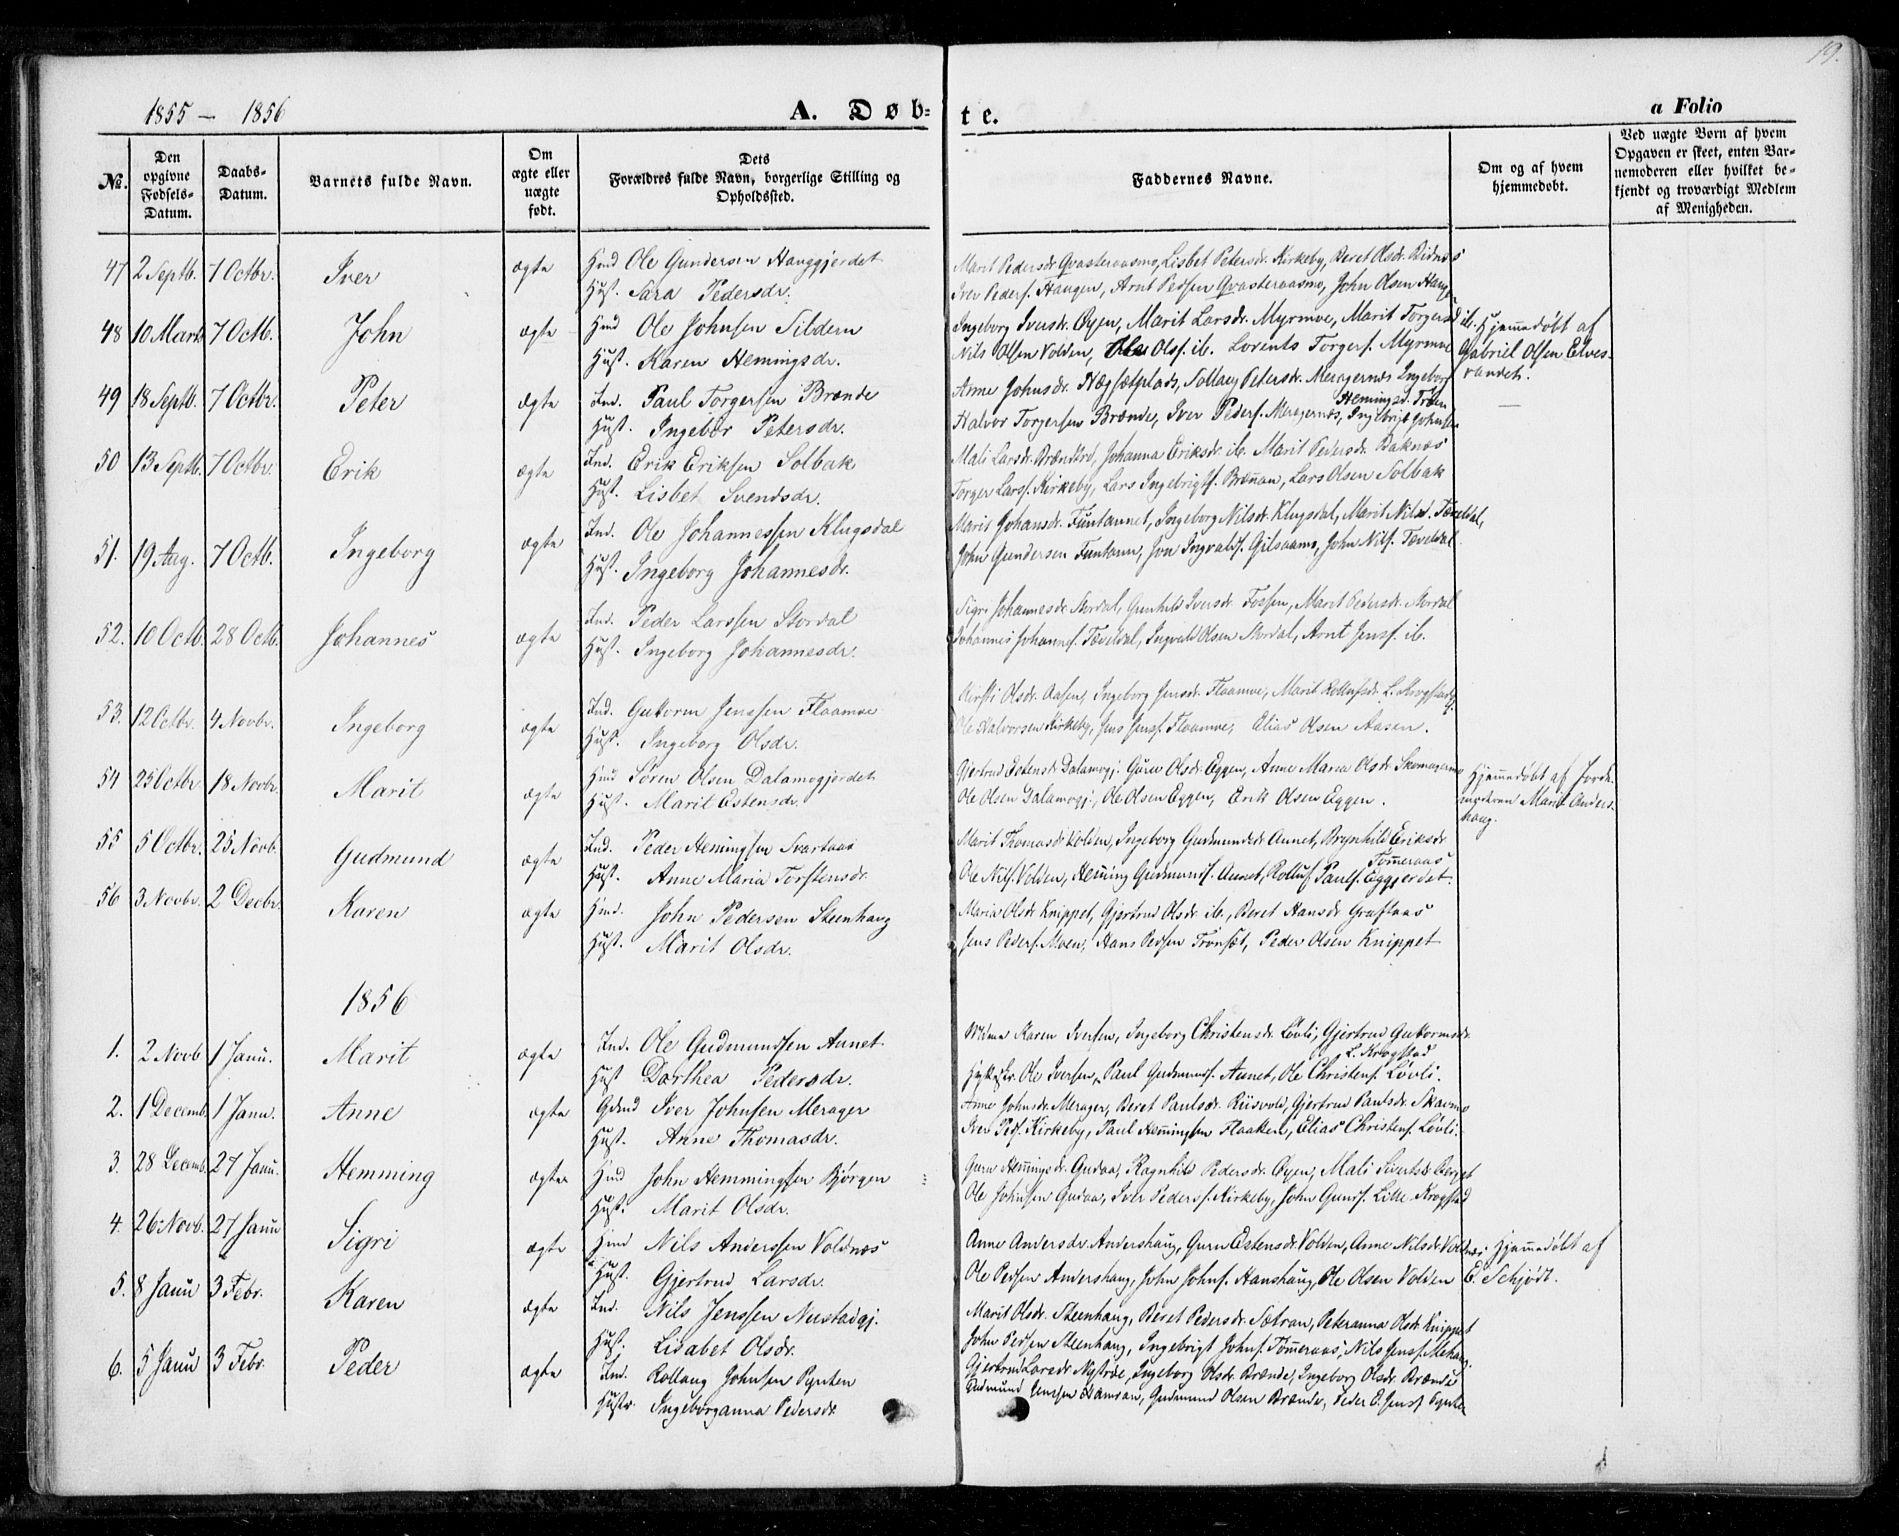 SAT, Ministerialprotokoller, klokkerbøker og fødselsregistre - Nord-Trøndelag, 706/L0040: Parish register (official) no. 706A01, 1850-1861, p. 19